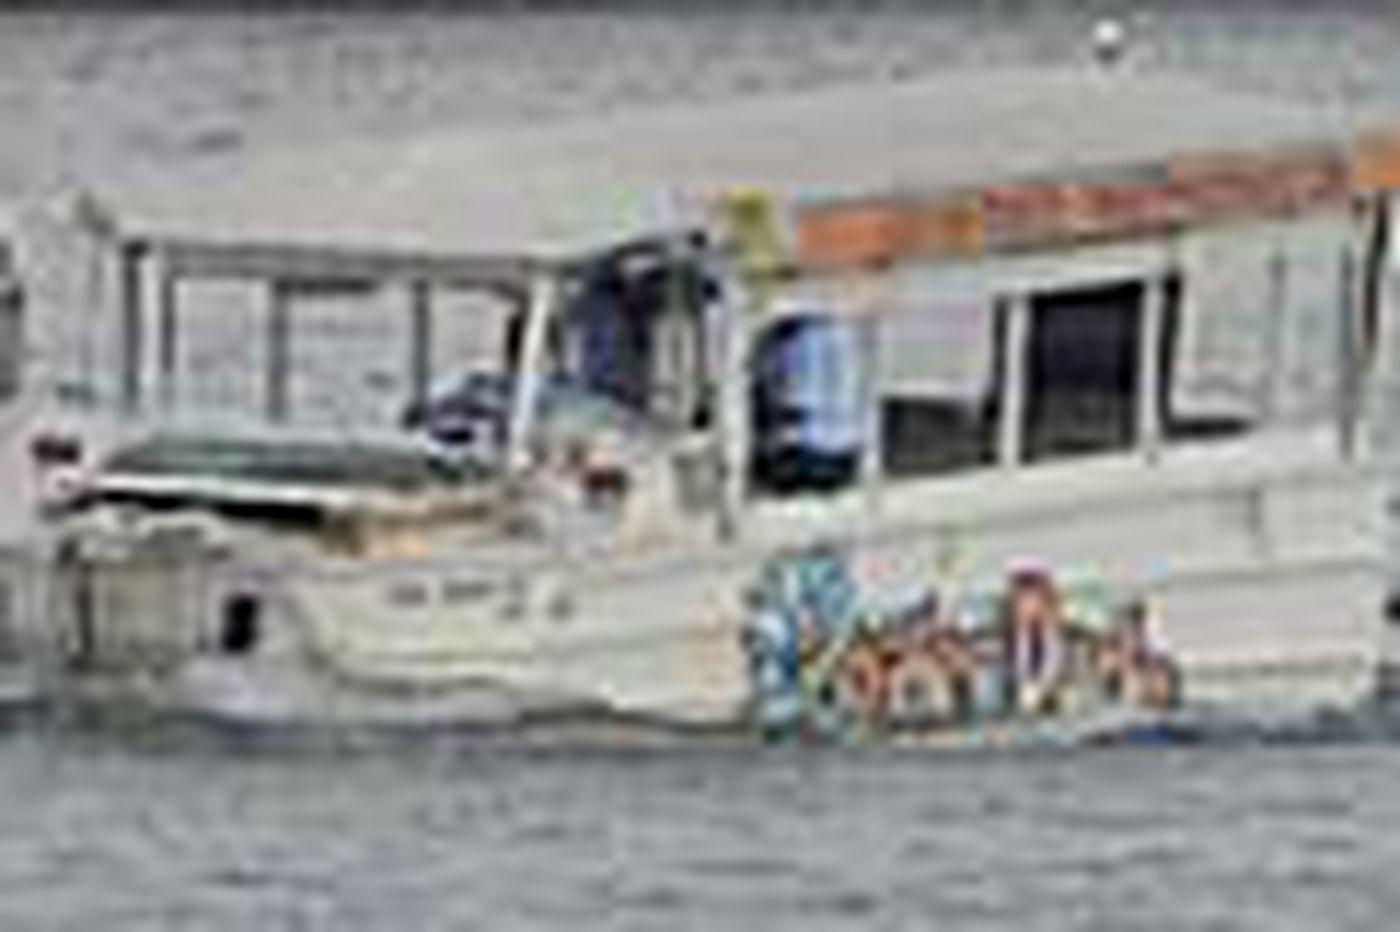 Duck boat crash report cites tug's lack of response to distress calls